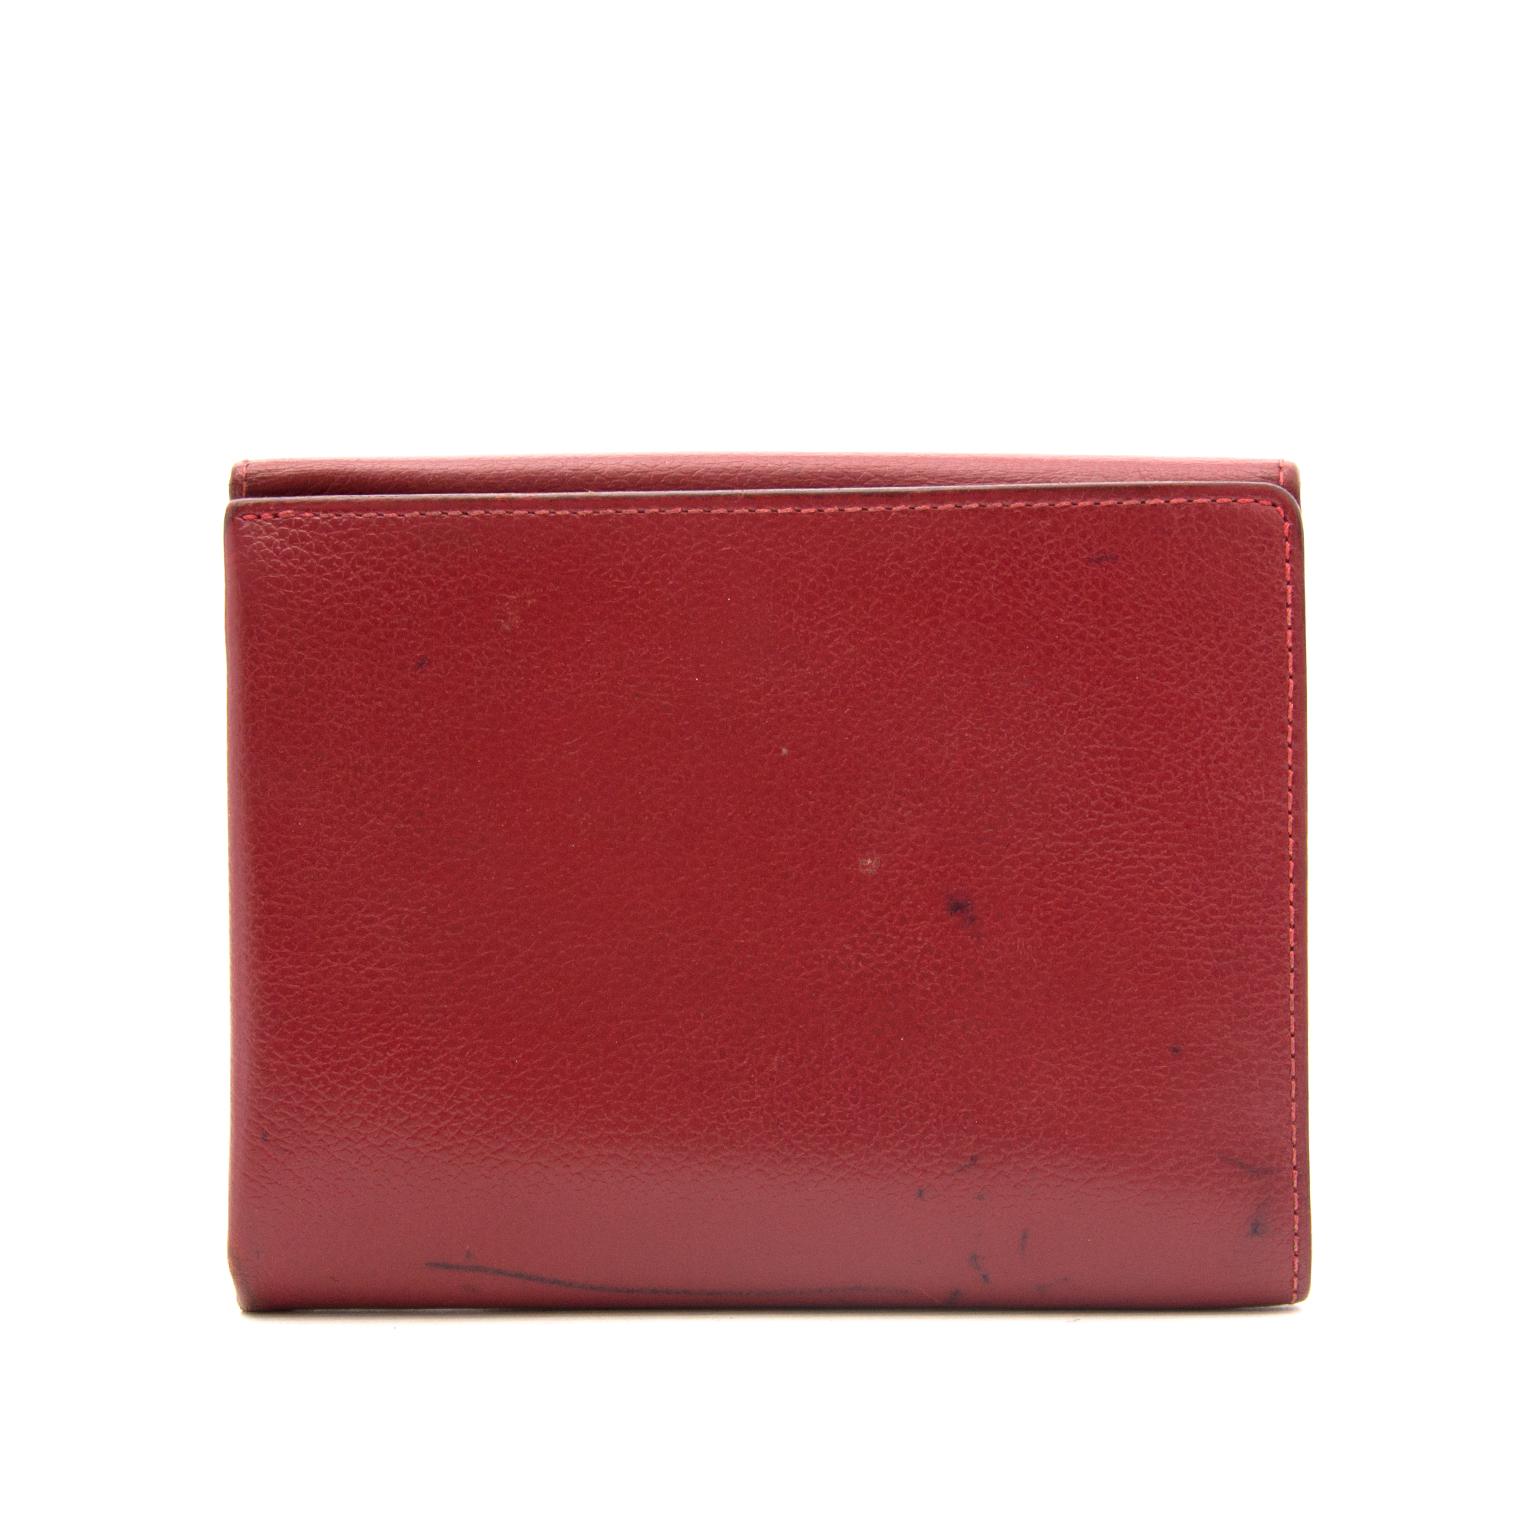 acheter en ligne comme neuf sac a main koop veilig online aan de beste prijs jou tweedehands Zagliani Orange Python Large Hobo Bag